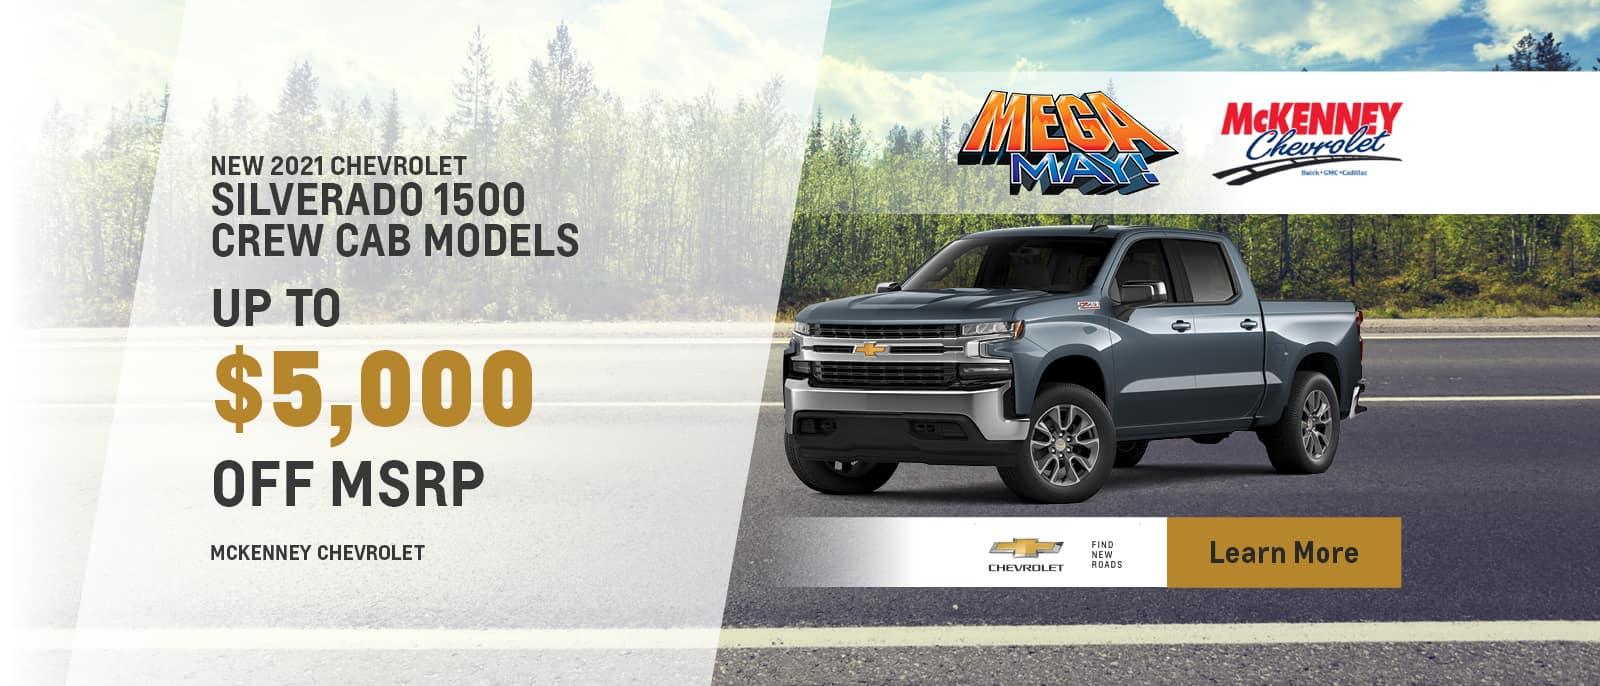 2021 Chevy Silverado 1500 Crew Cab Models